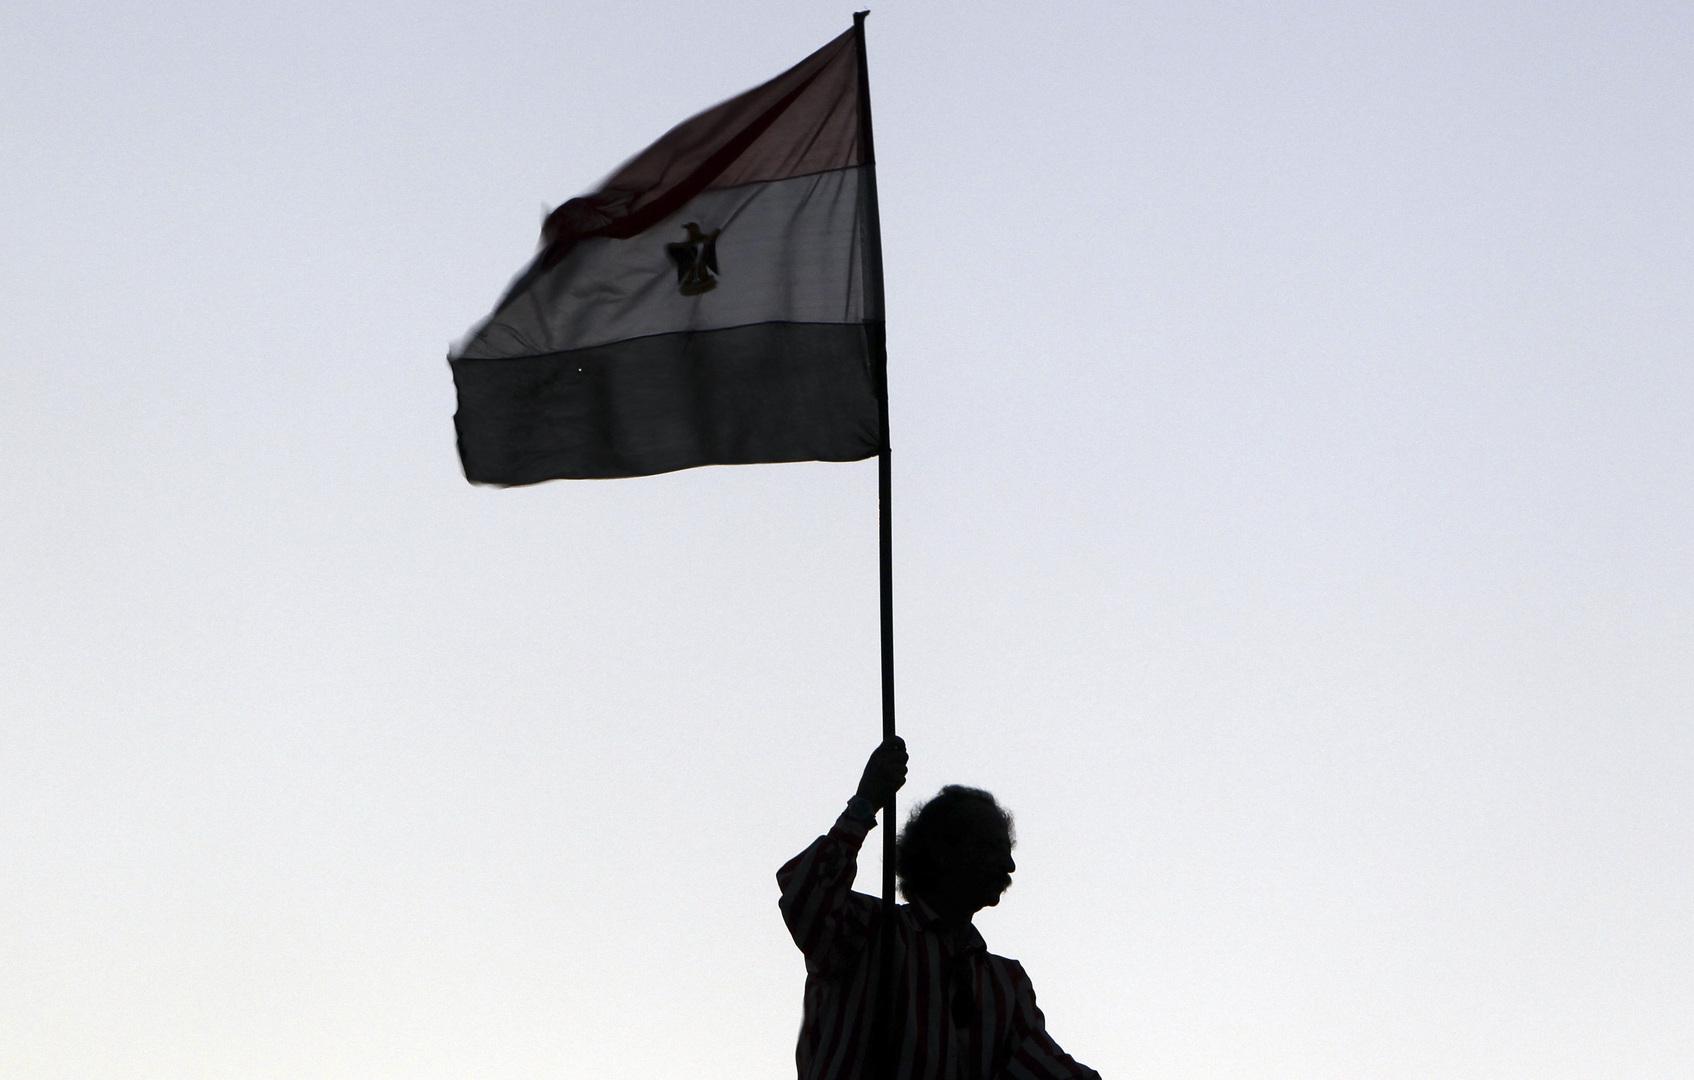 الاتحاد الأوروبي: نتابع قضية القبض على مواطن مصري متهم بـ